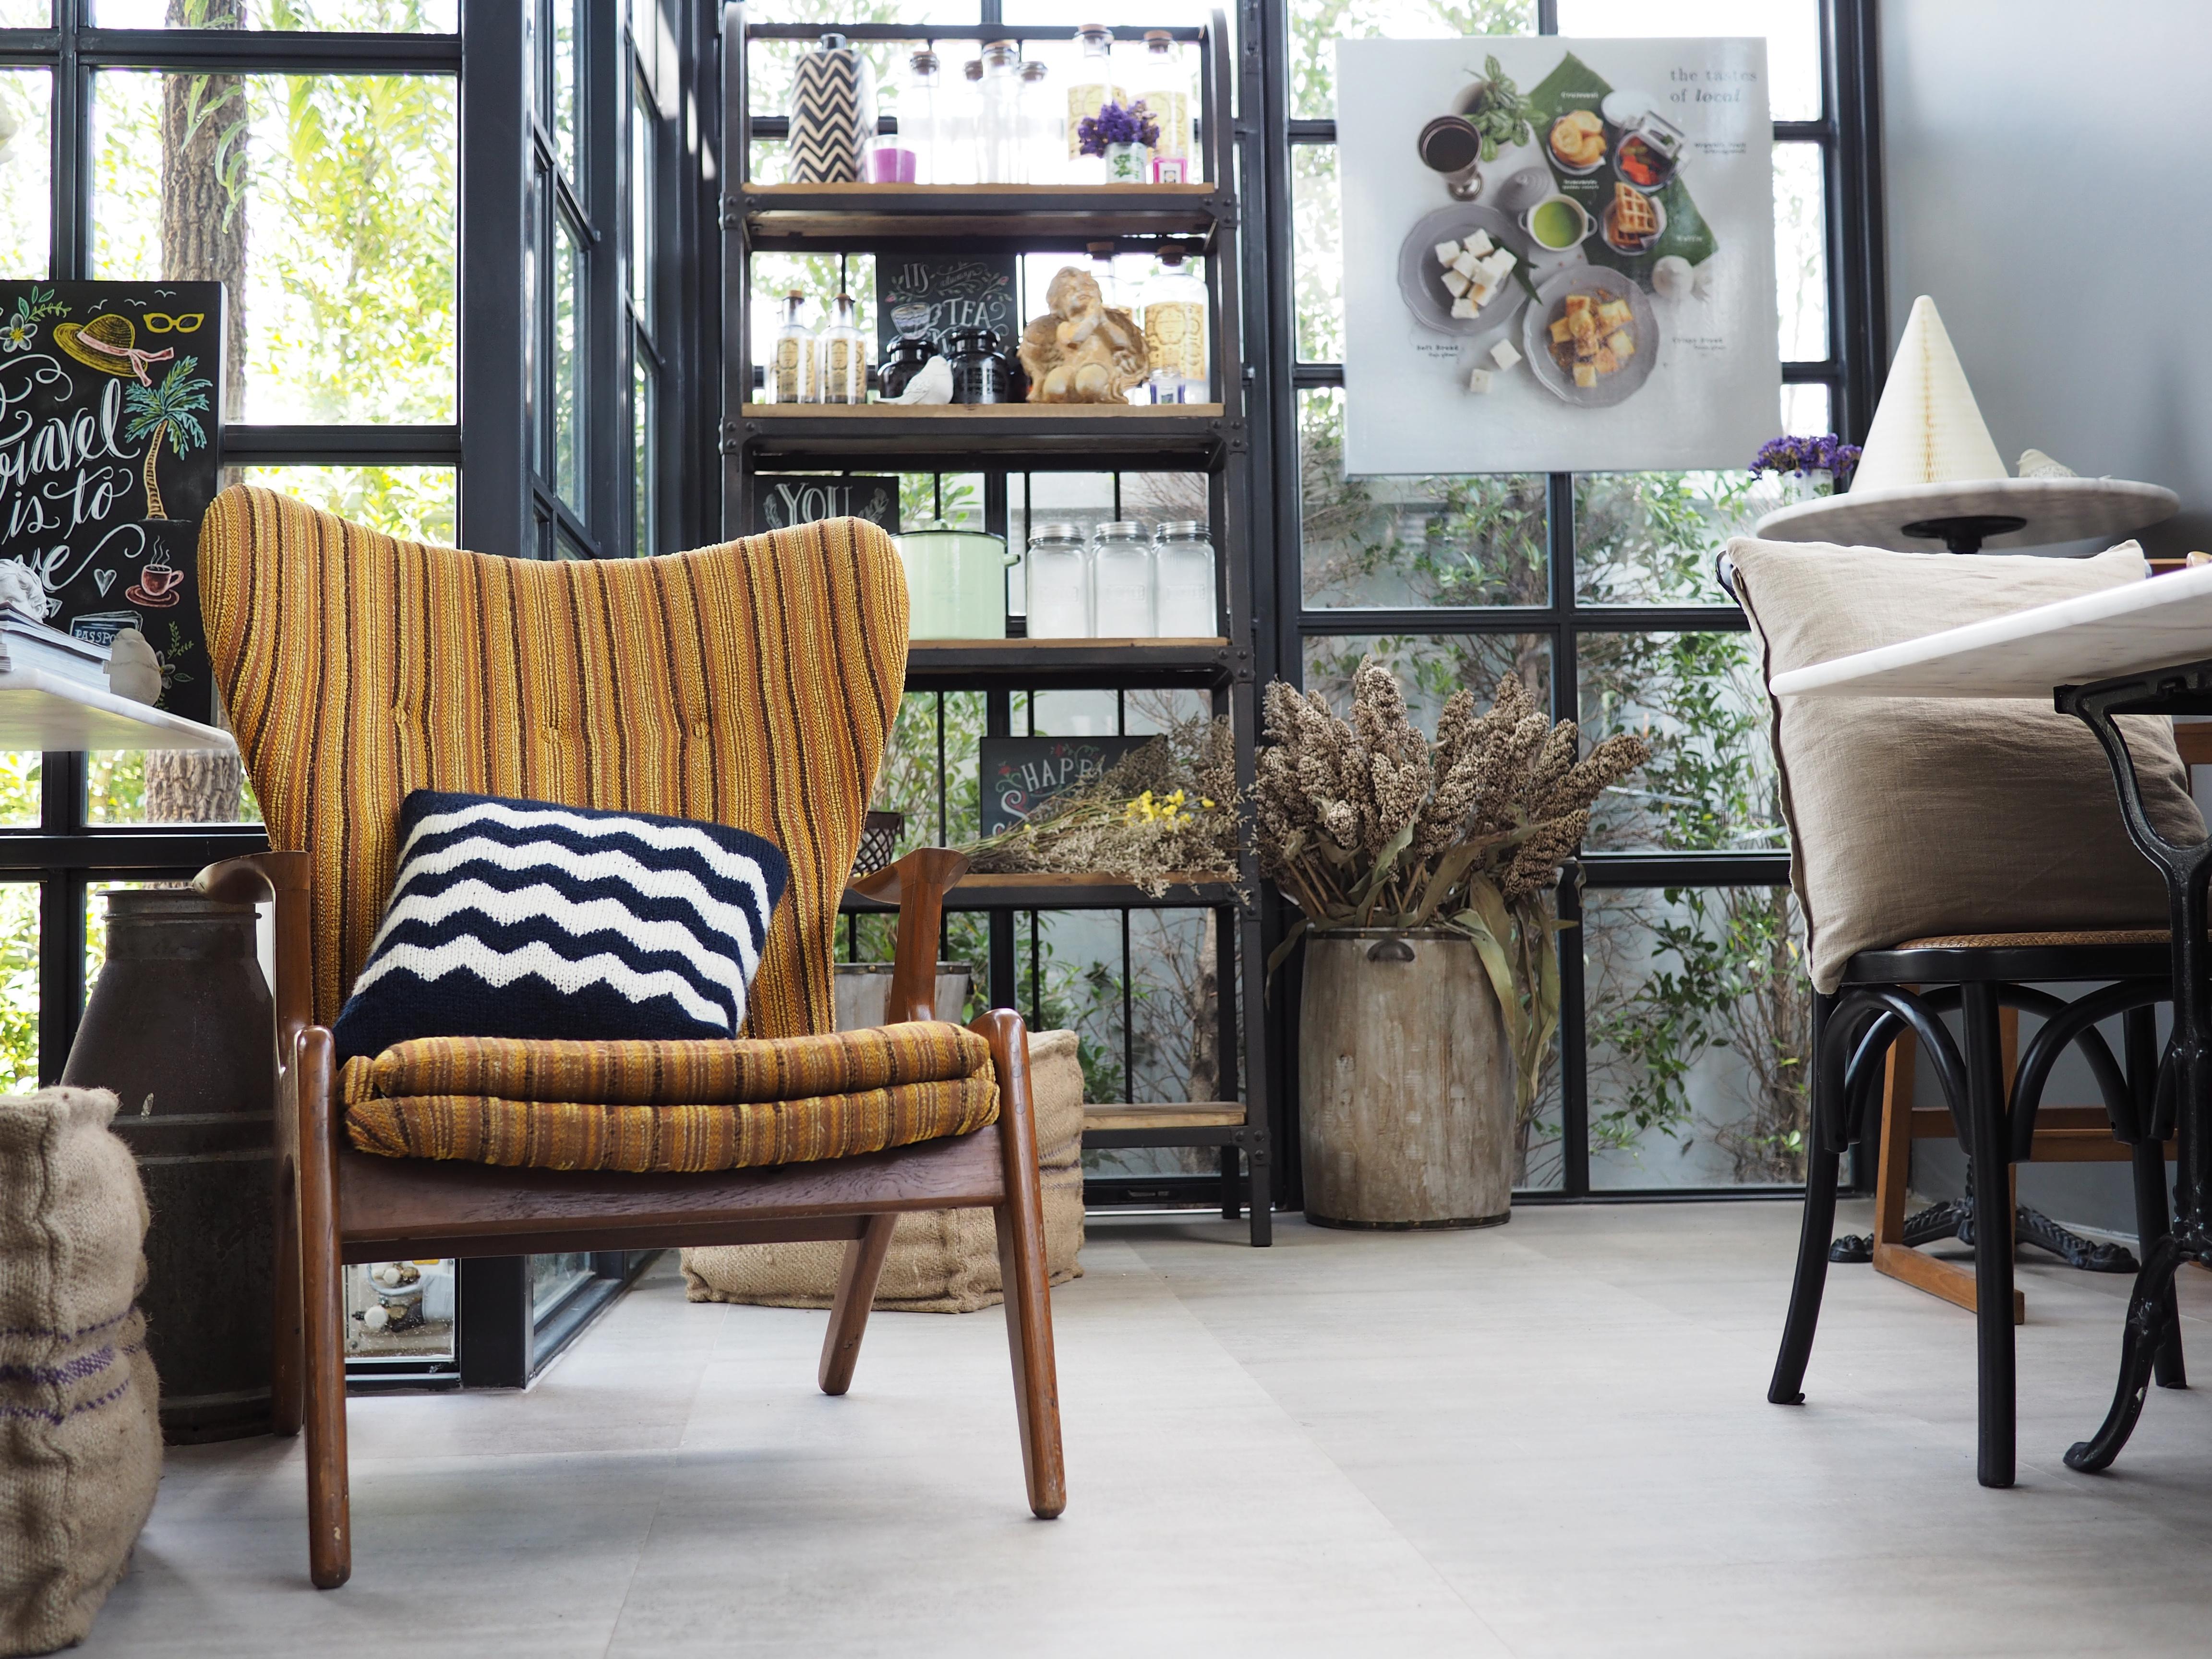 musztardowy fotel